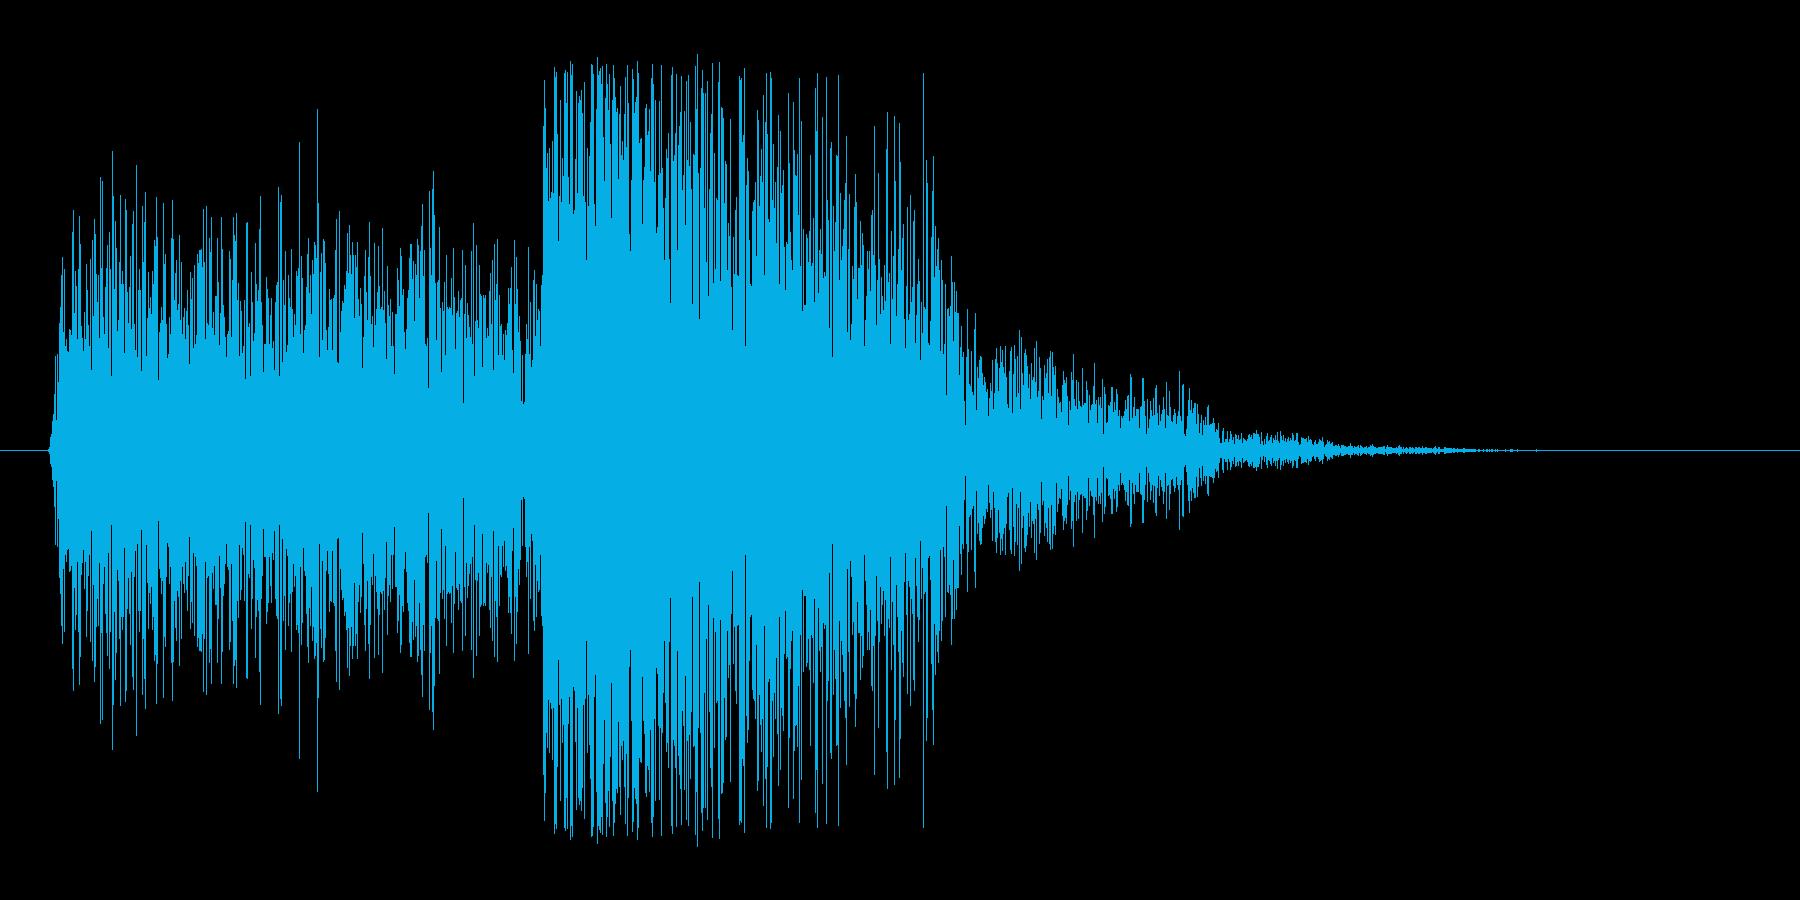 【ギター攻撃(弱)】パワーコードの再生済みの波形